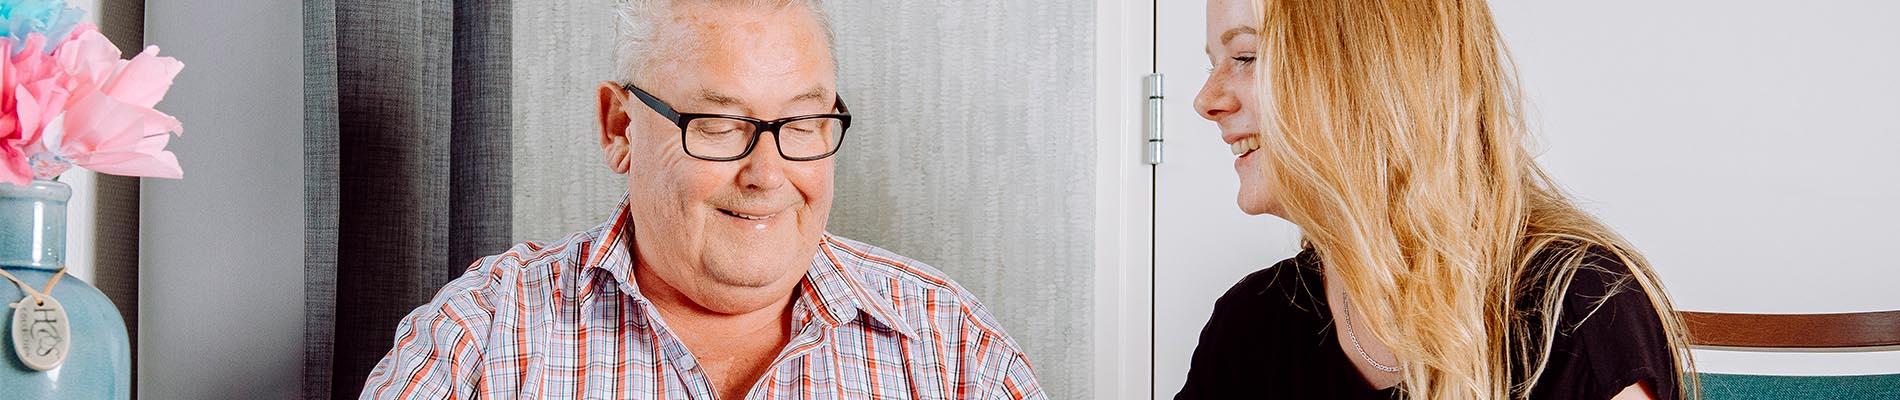 Oude meneer krijgt hulp op locatie Liante Zorggroep